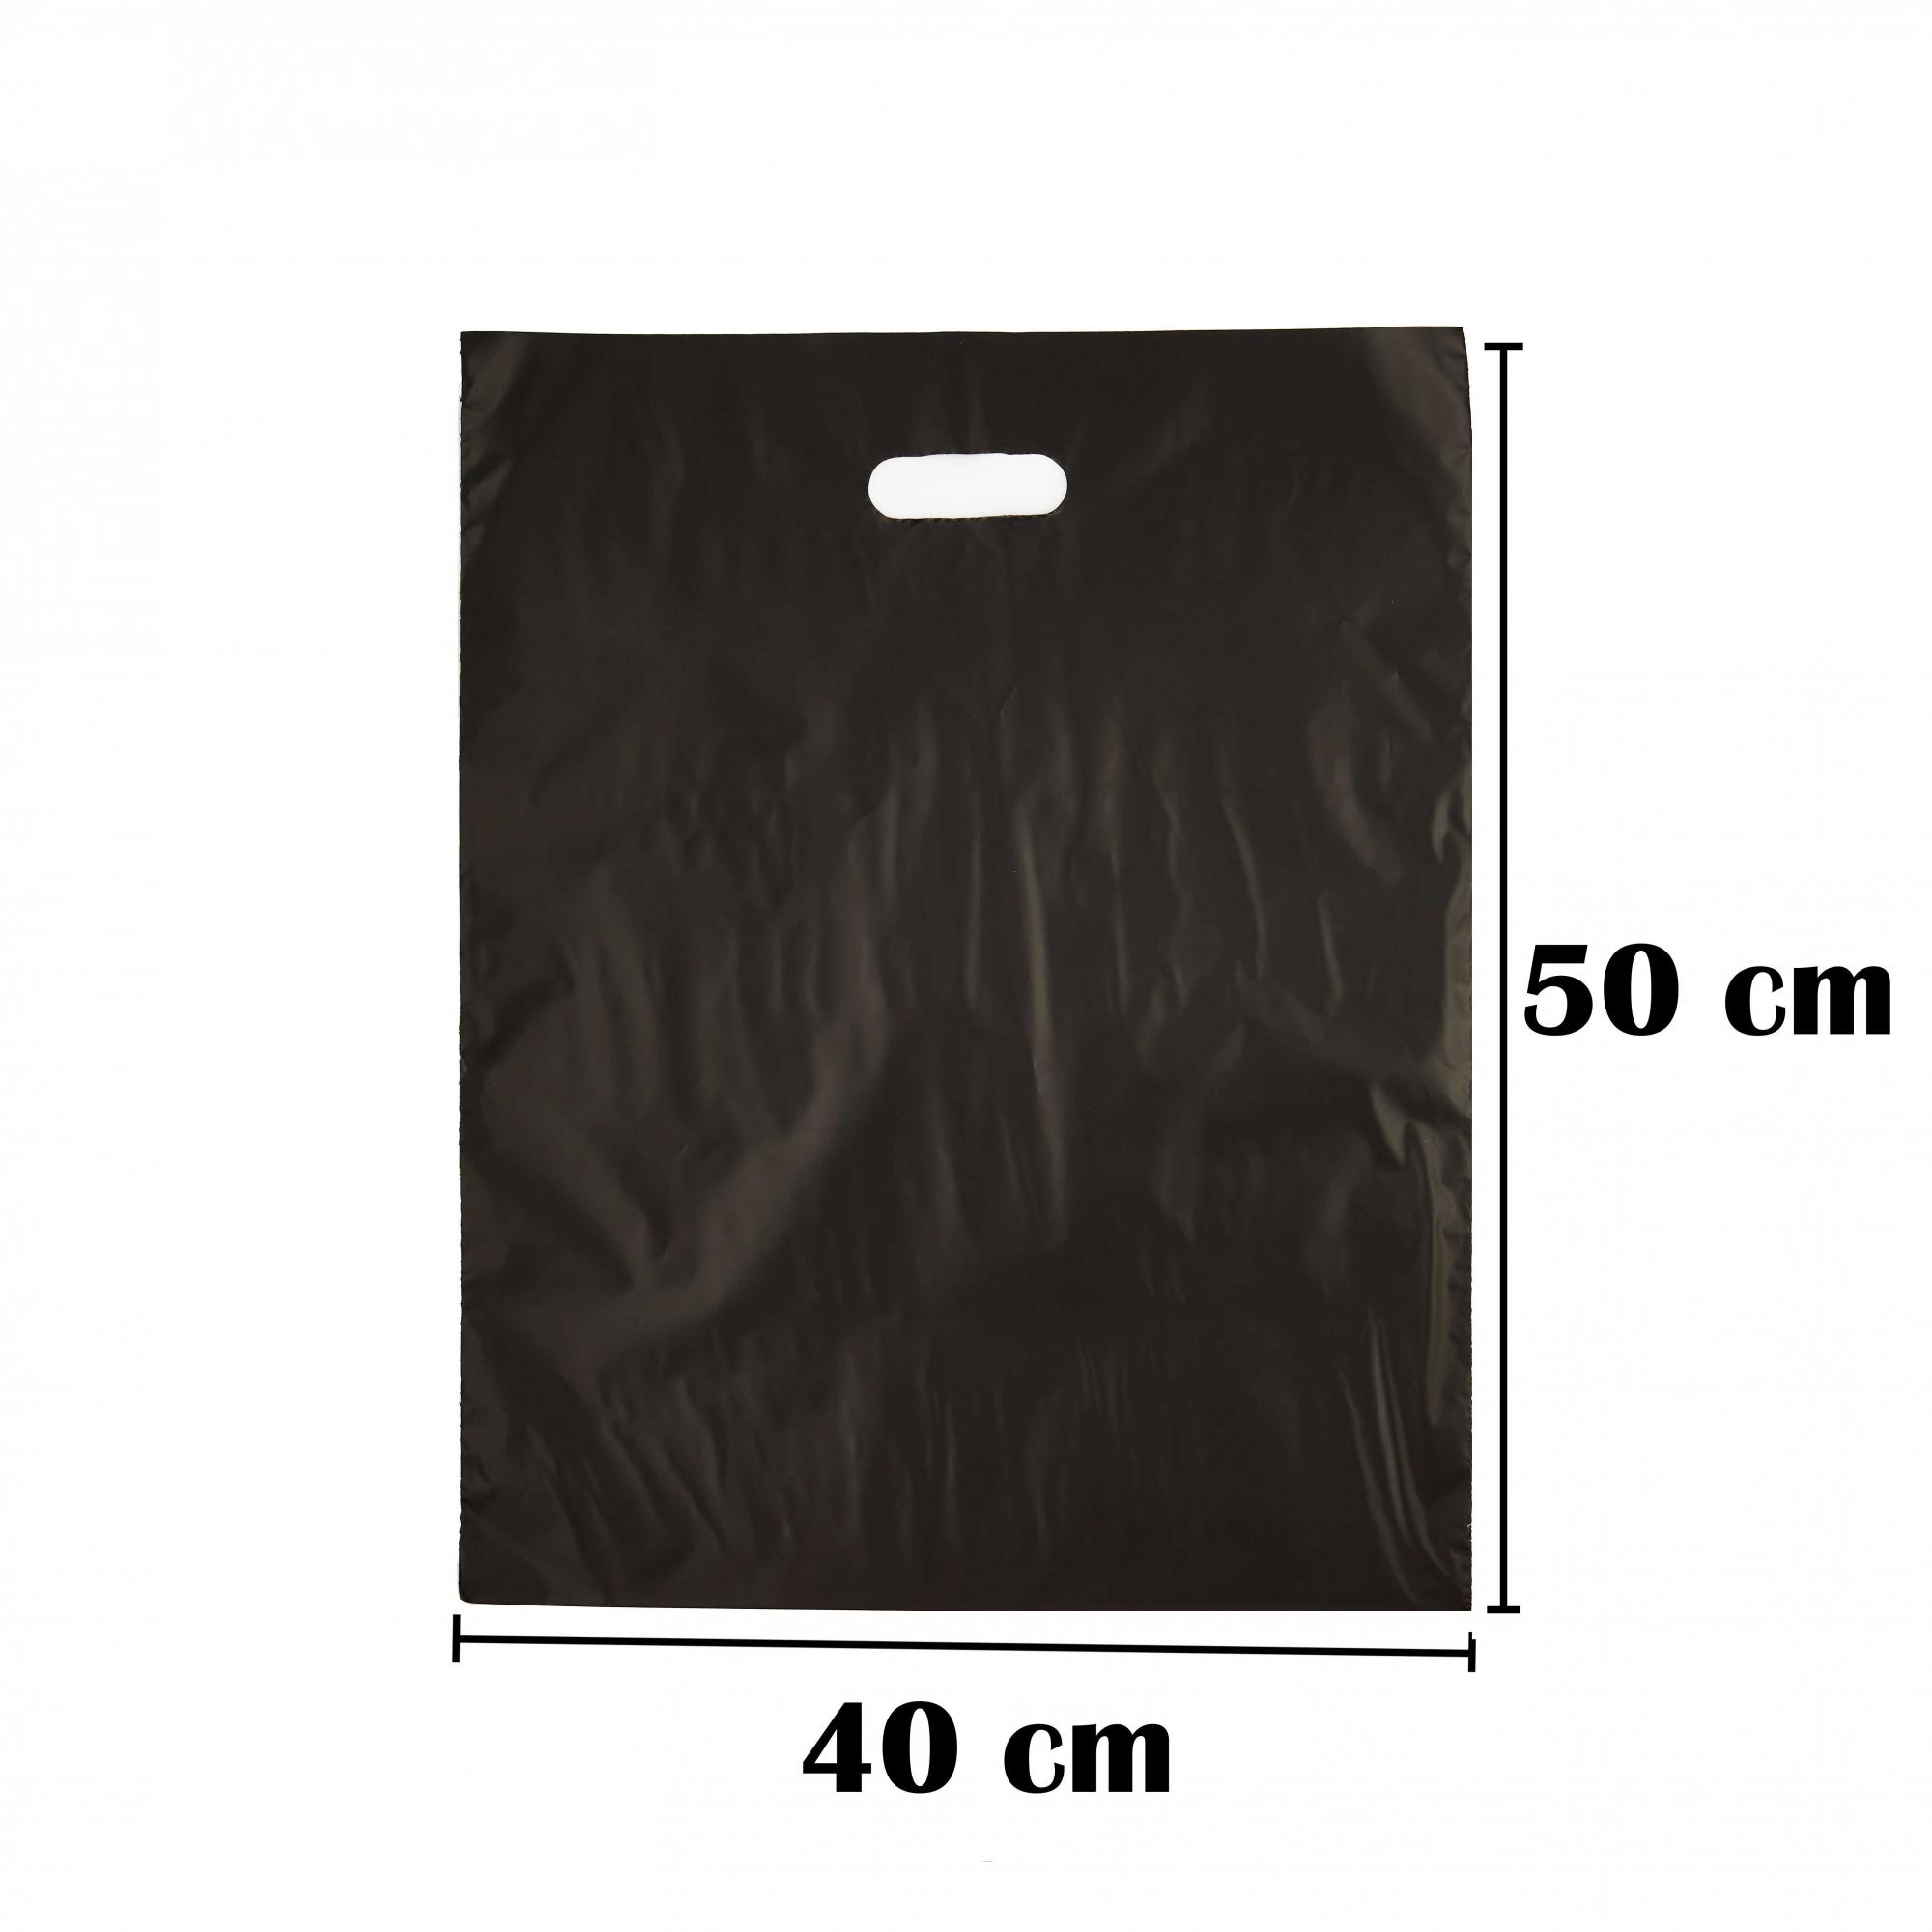 Sacola Plástica 40x50 Preta Alça Boca de Palhaço 250 Unidades